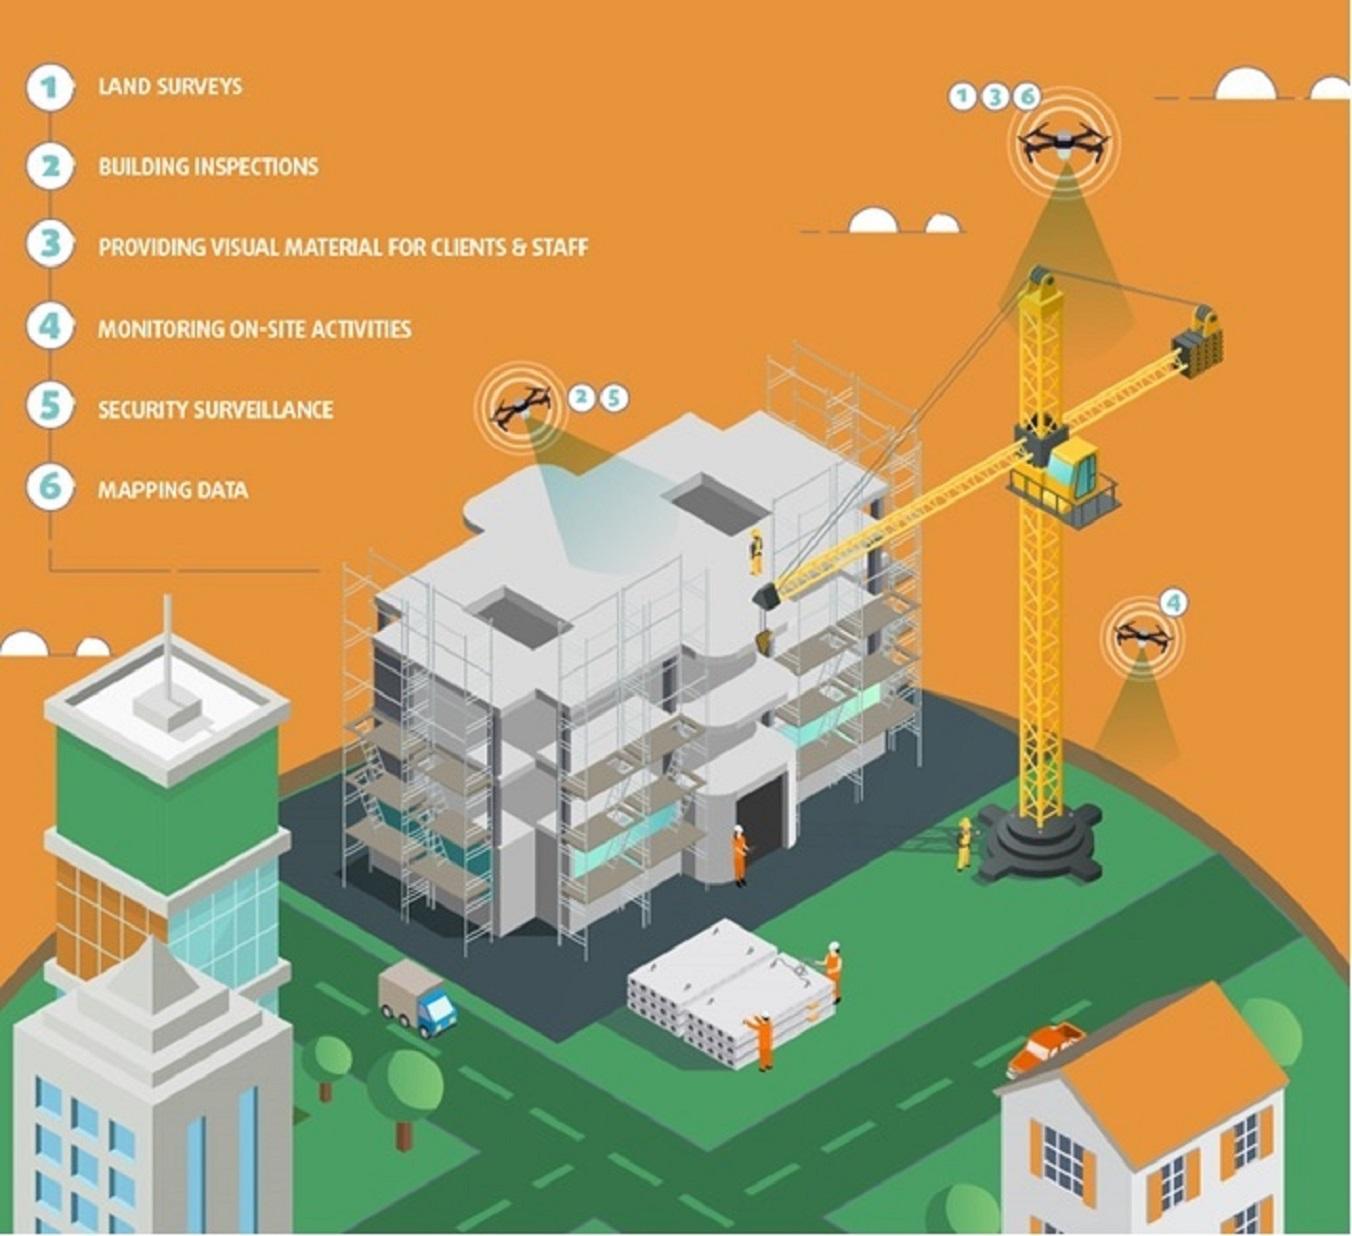 Tendências na área da construção civil - Drones